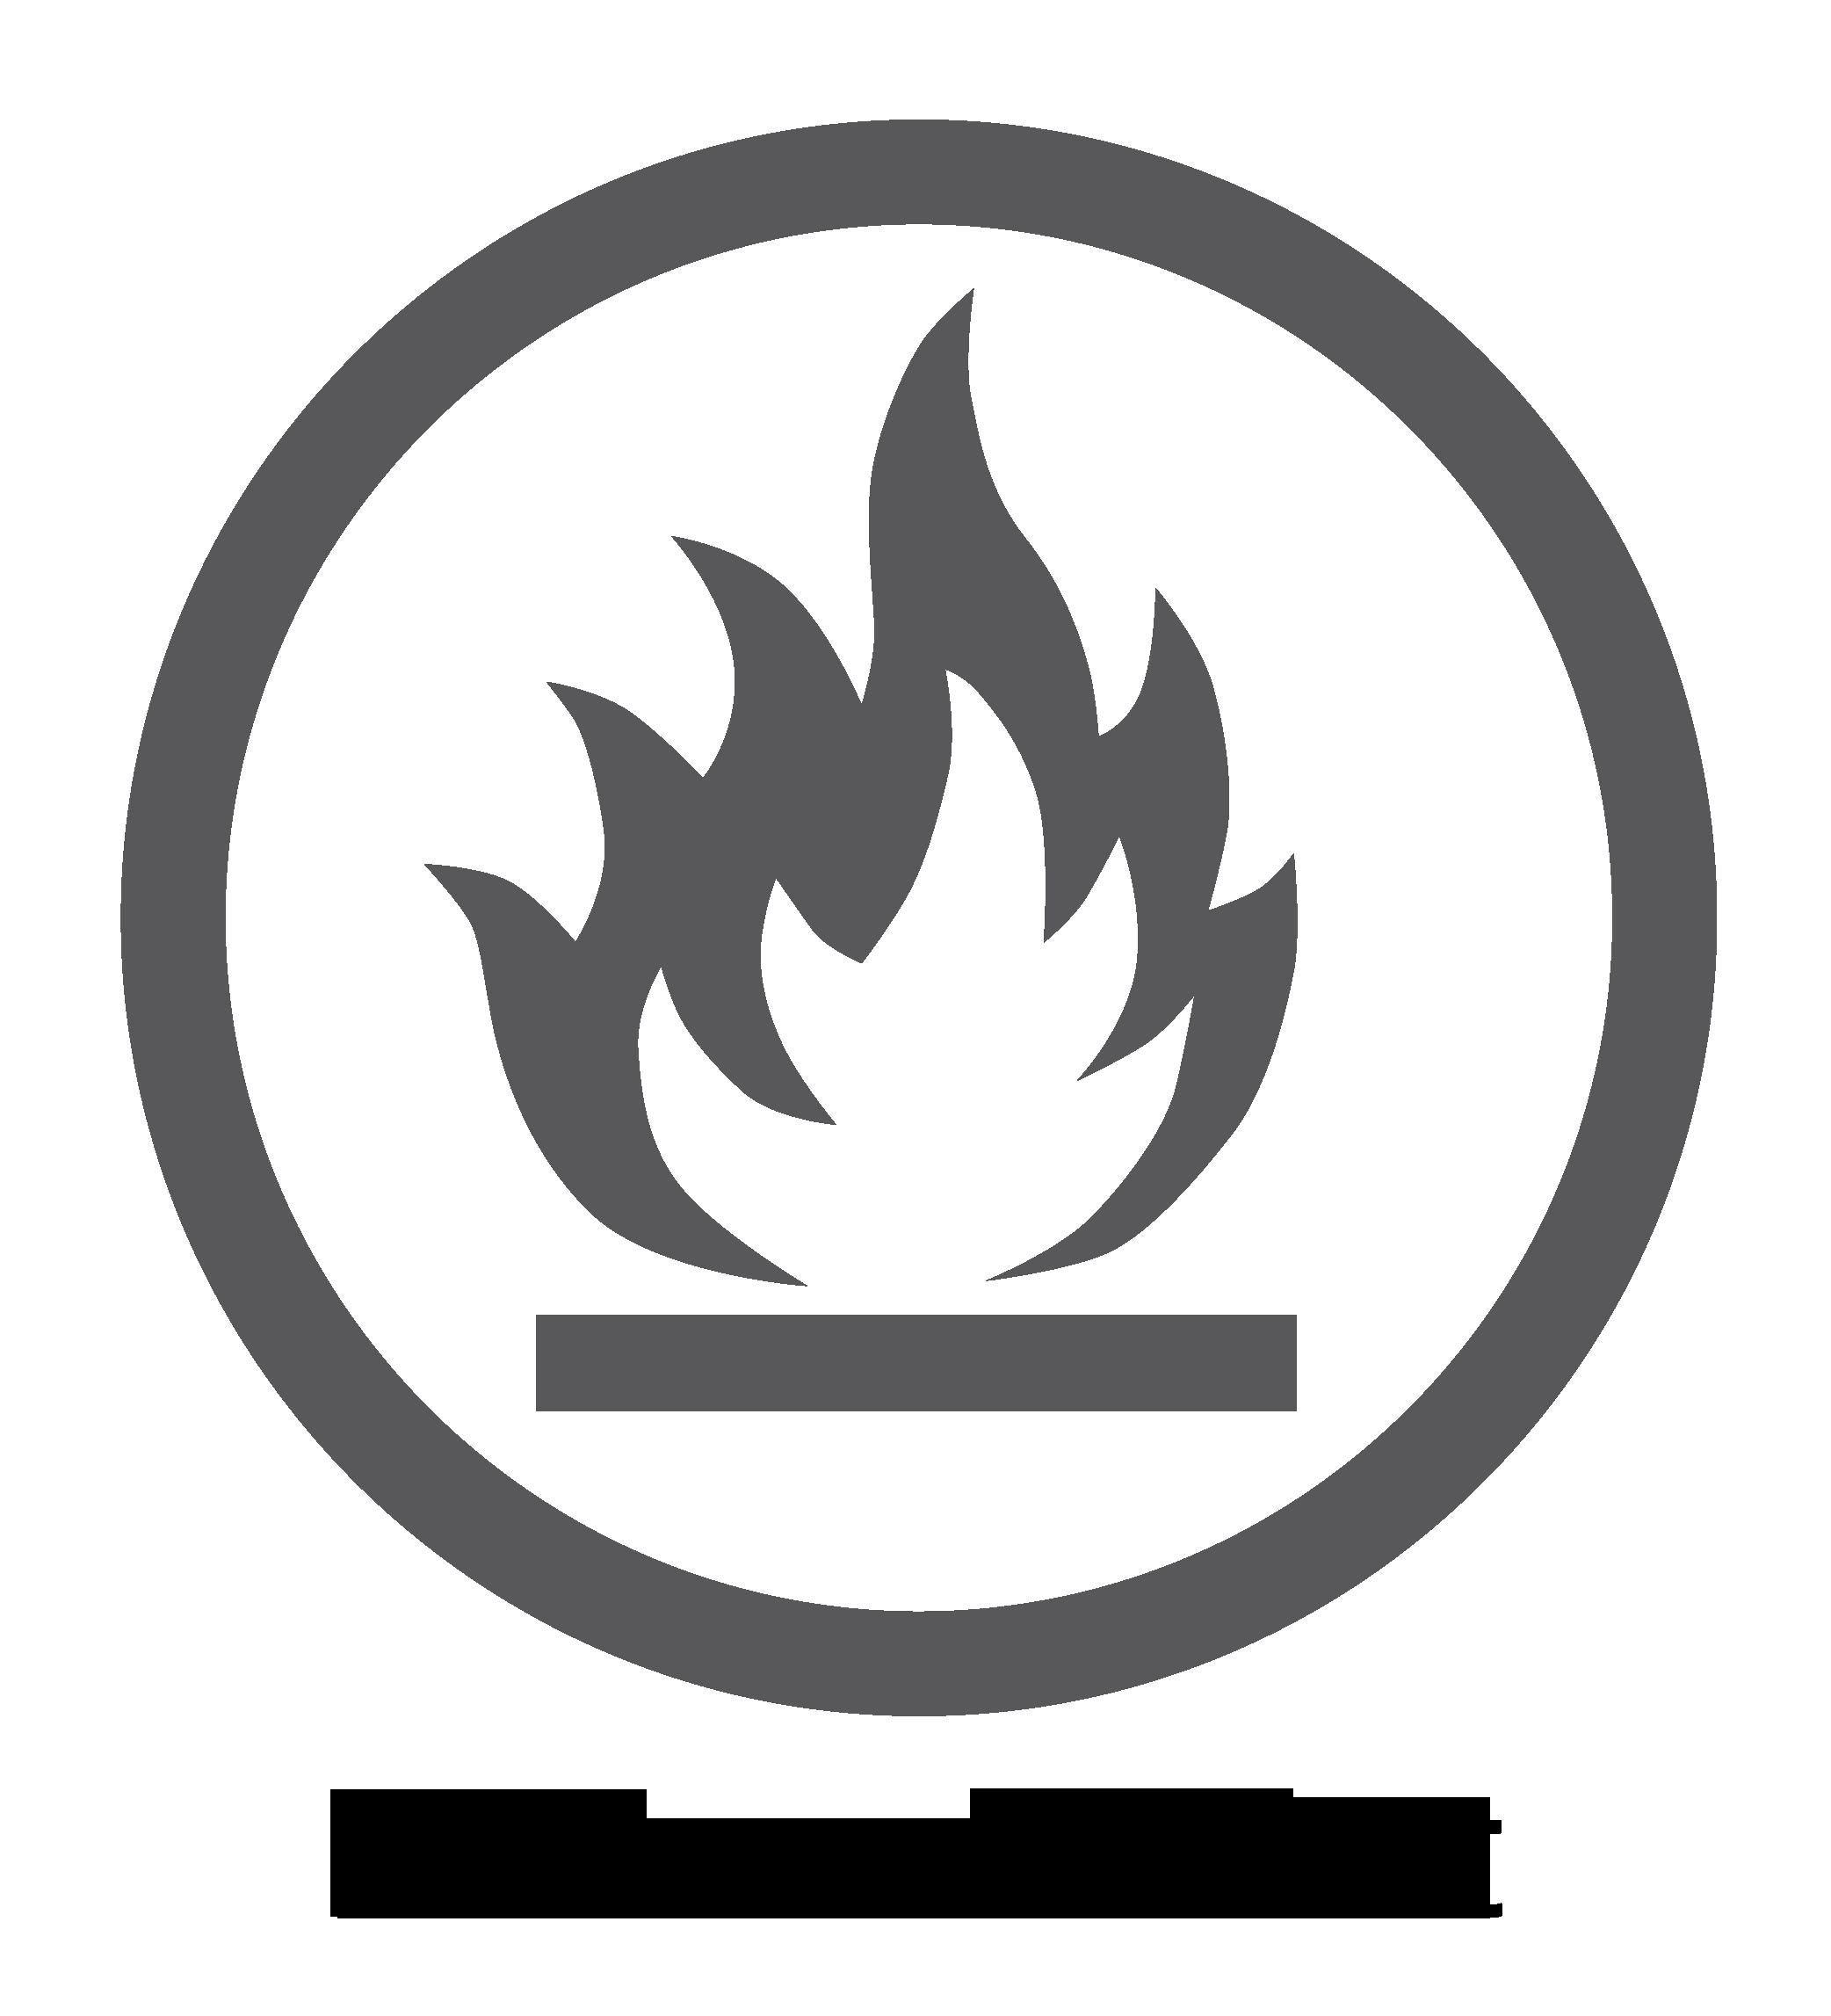 Feuerbeständige Oberfläche – Logo